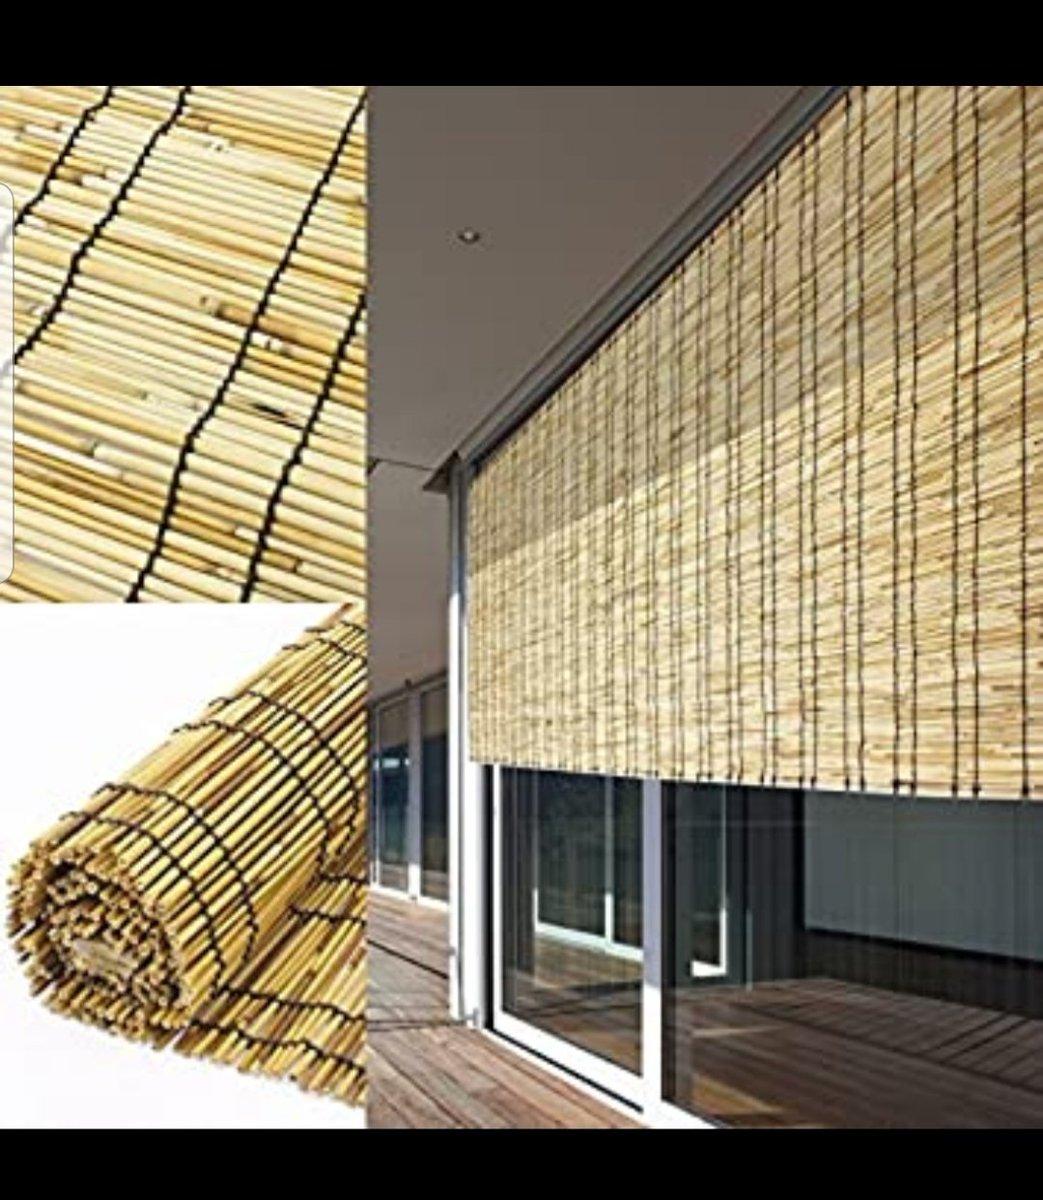 屋根がありそうな造りだけど?雨の日にはびしょ濡れになるヨドバシ梅田の連絡通路!